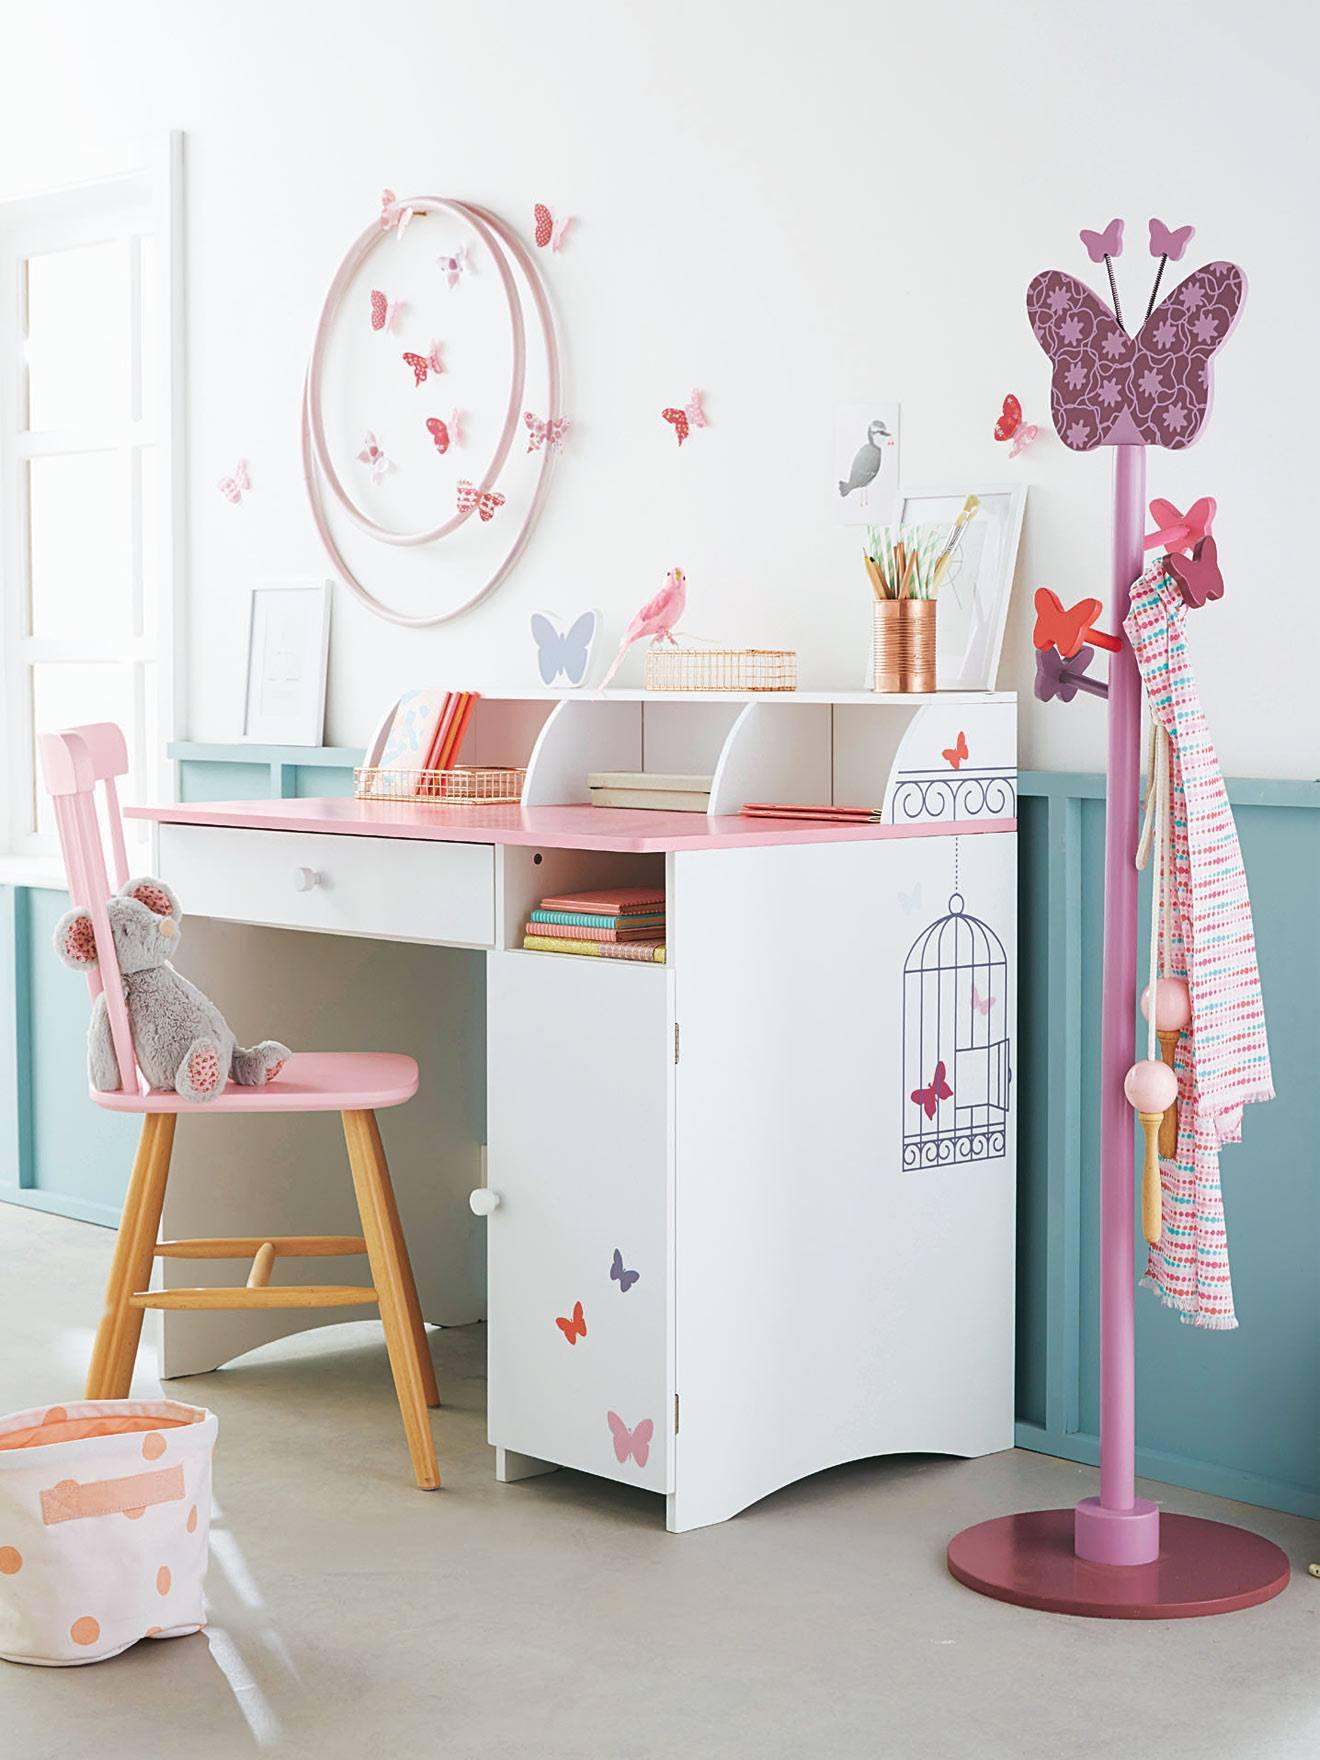 Lote de 14 mariposas decorativas niña multicolor - Vertbaudet